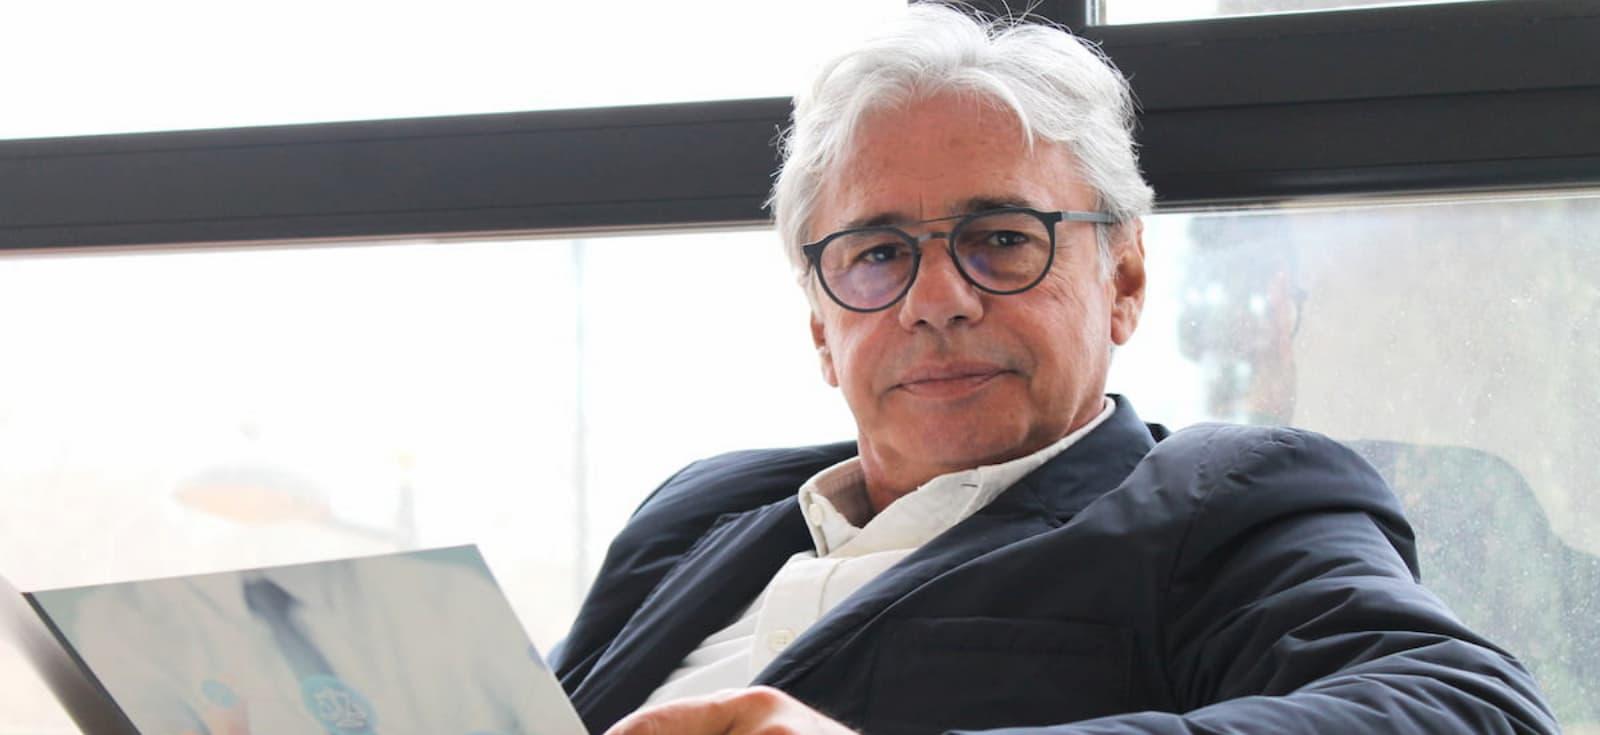 Joaquín Oliete, CEO de Activos Concursales y creador de Eactivos